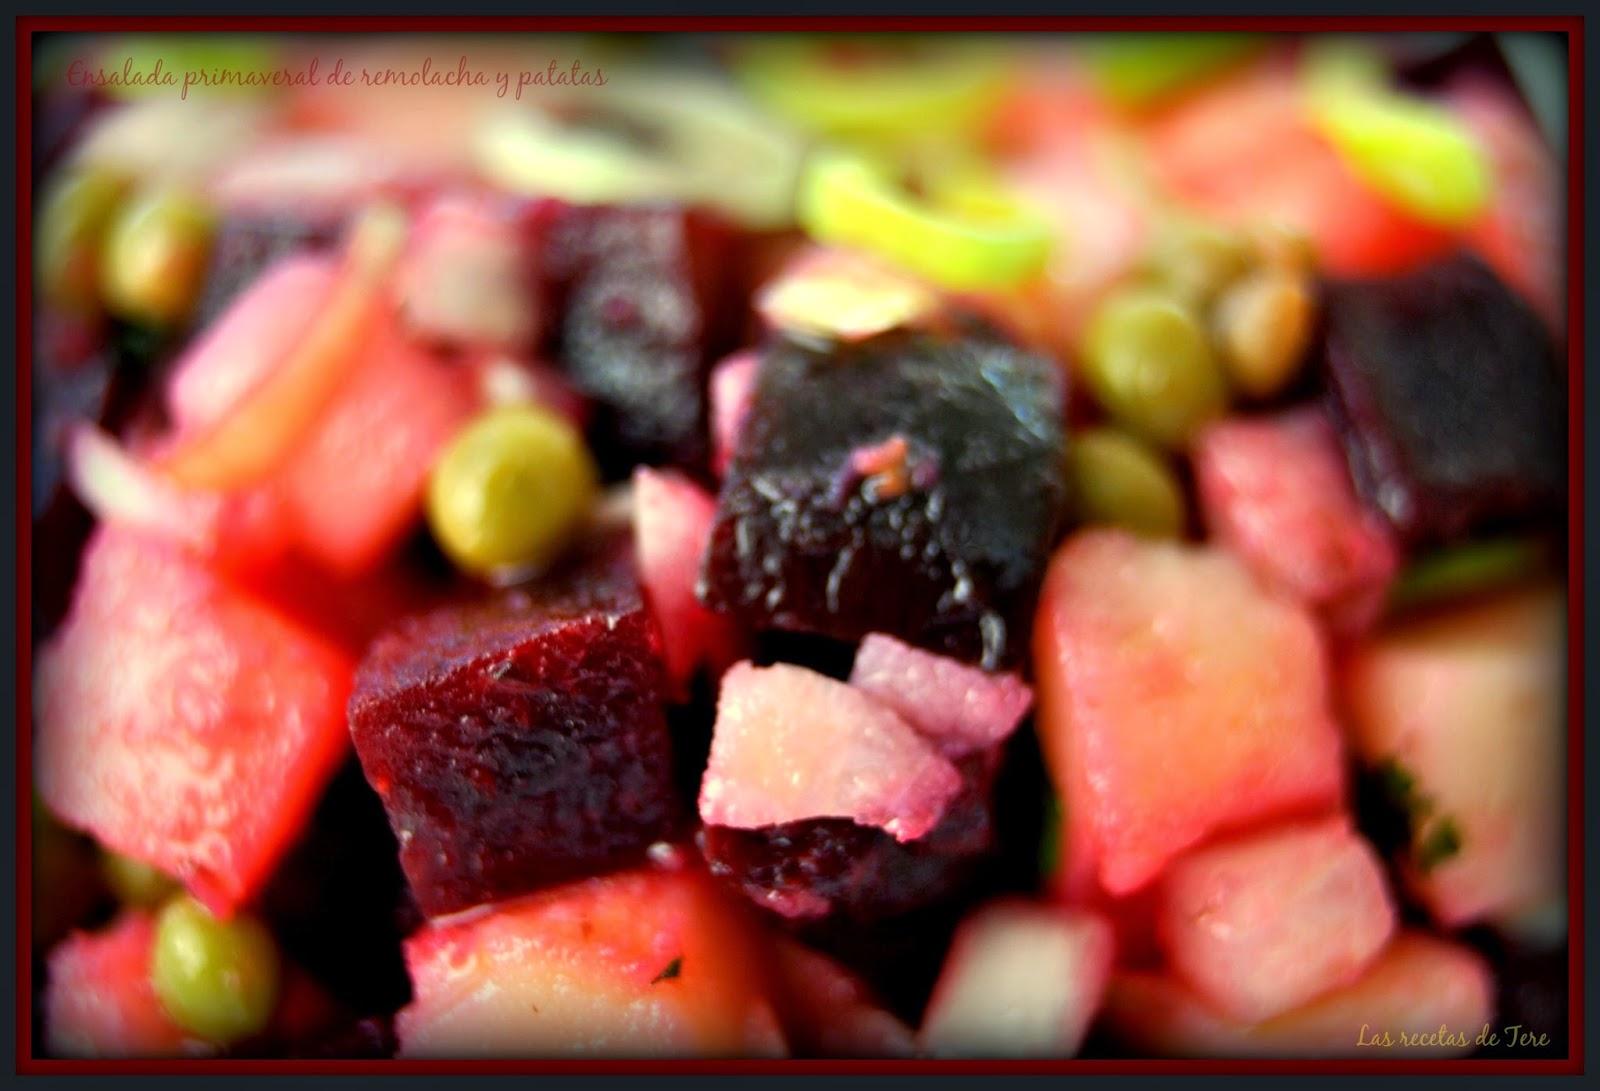 ensalada primaveral de remolacha y patatas 02